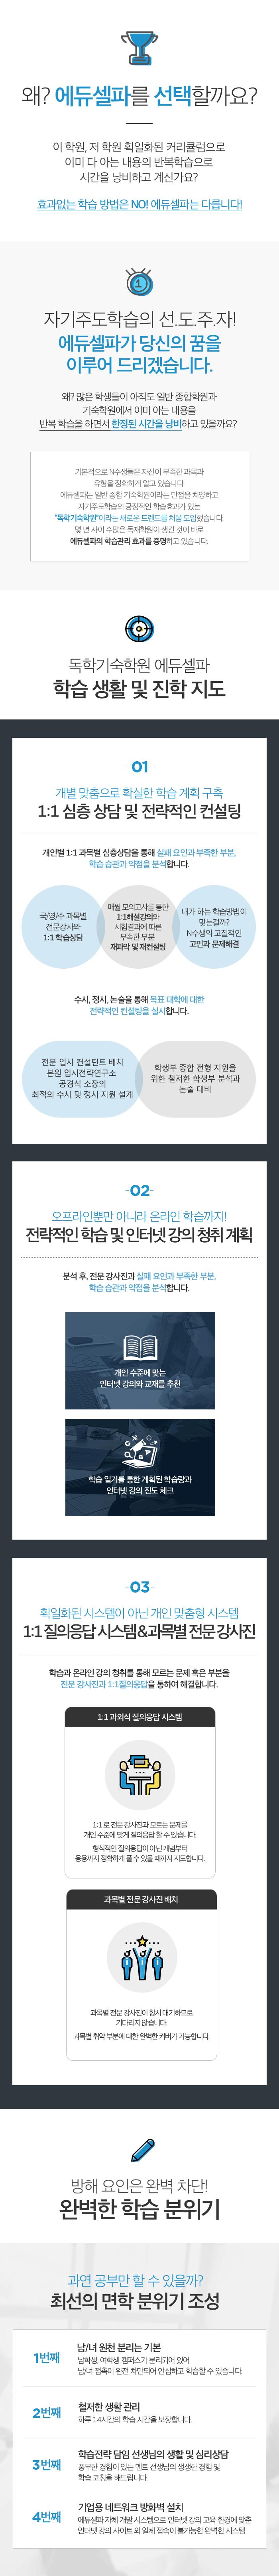 재수선행반 소개 모바일